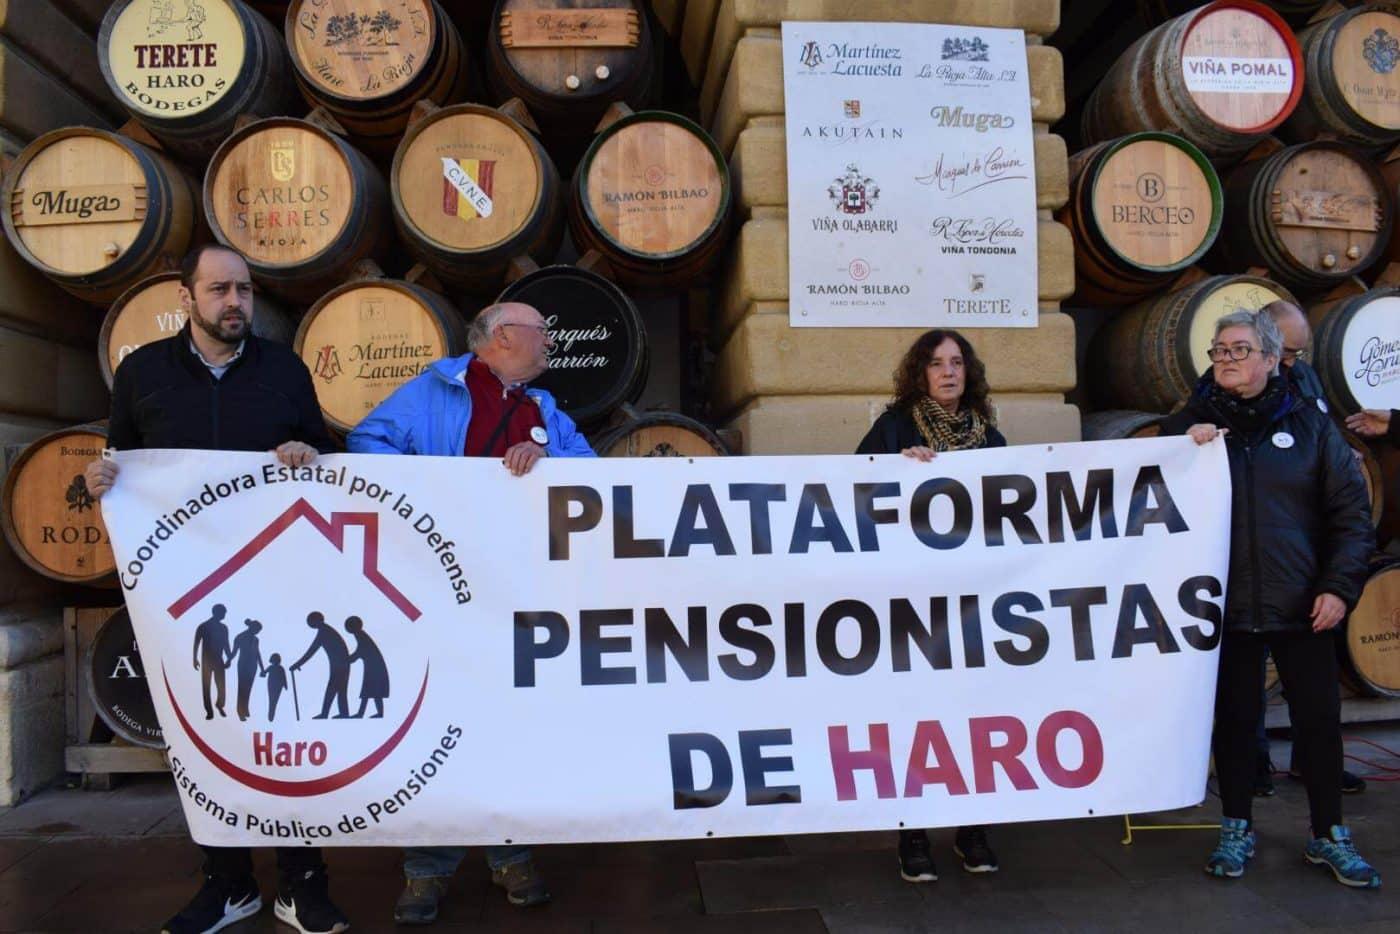 Los pensionistas de Haro vuelven a salir a la calle para exigir unas pensiones públicas justas 1